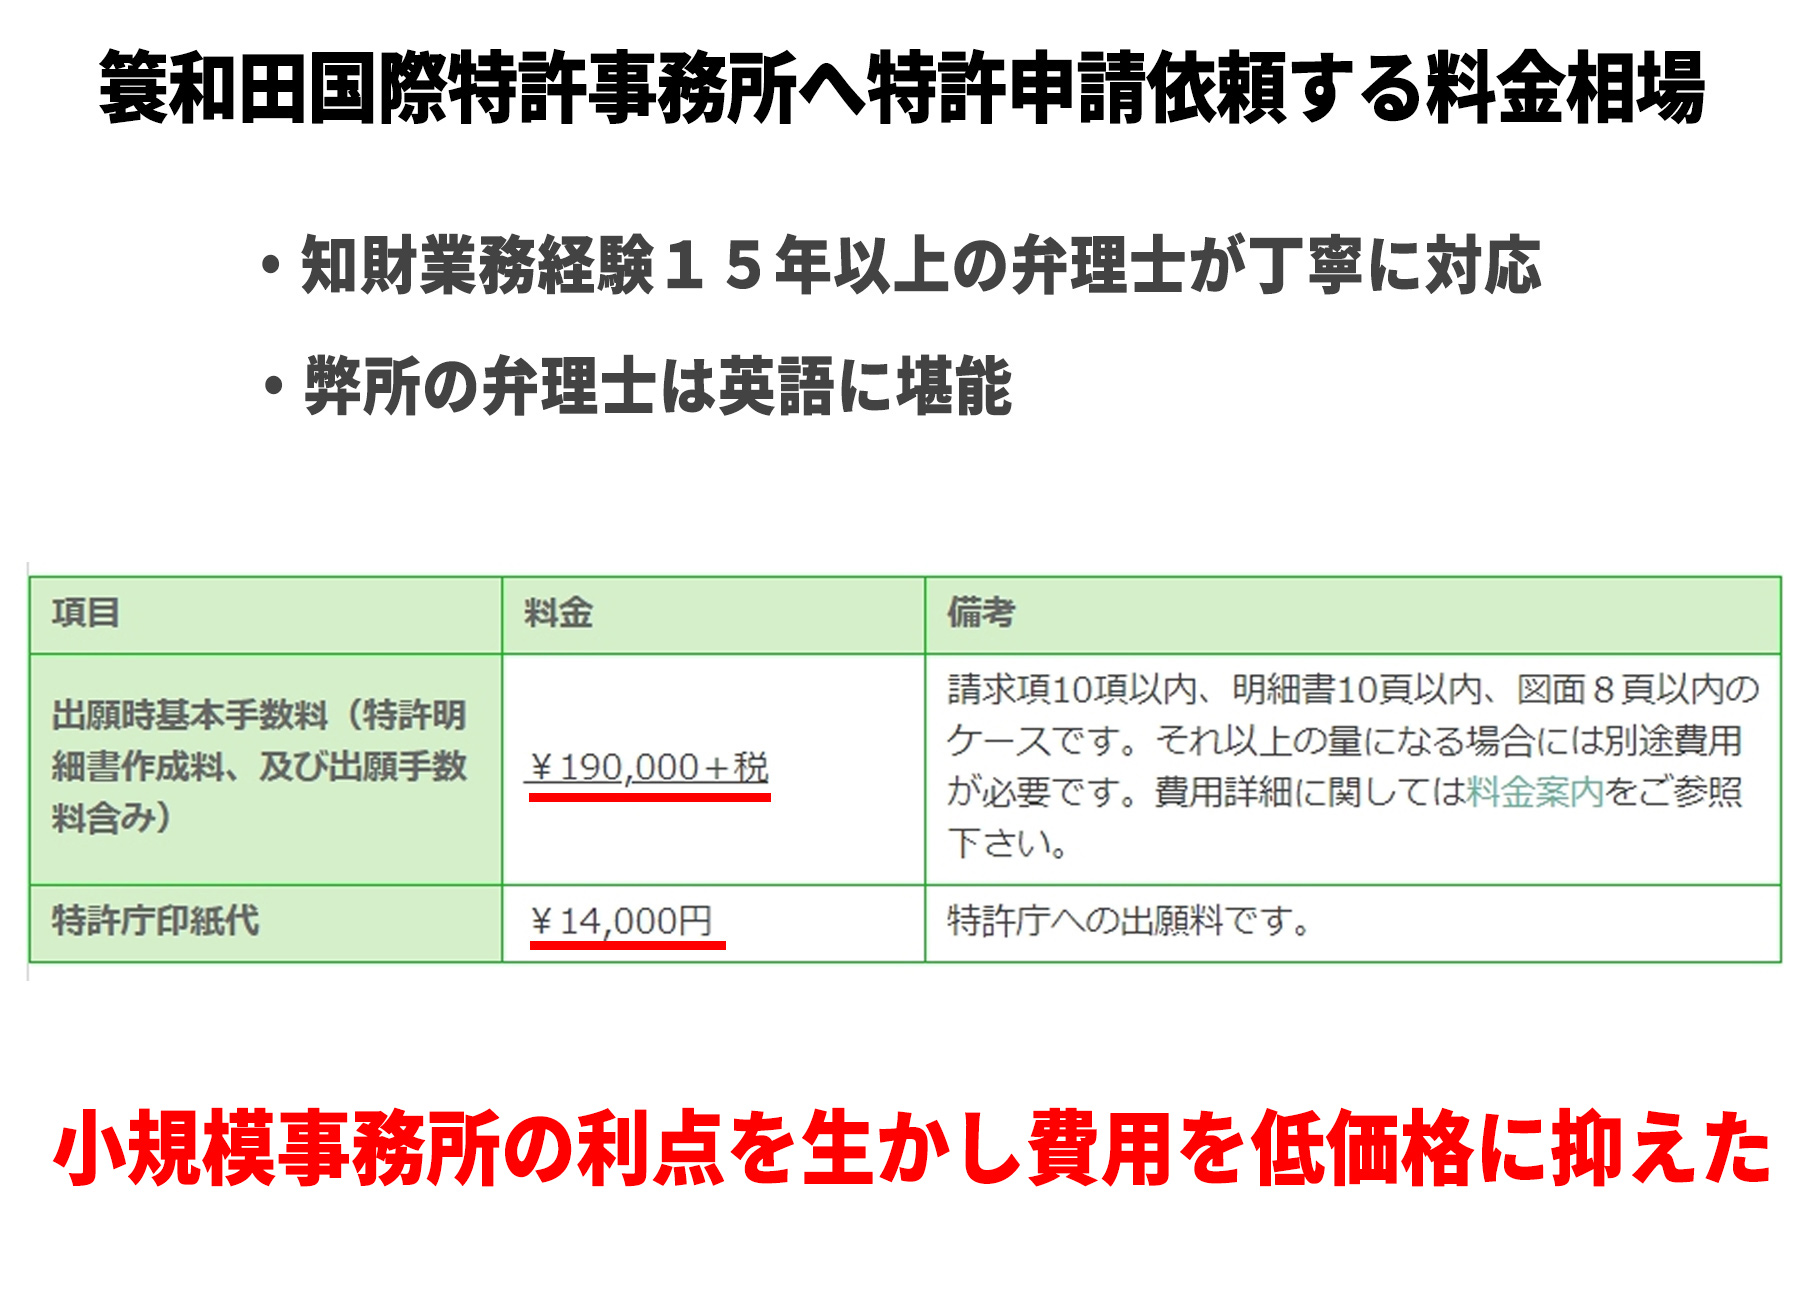 簑和田国際特許事務所へ特許申請依頼する料金相場